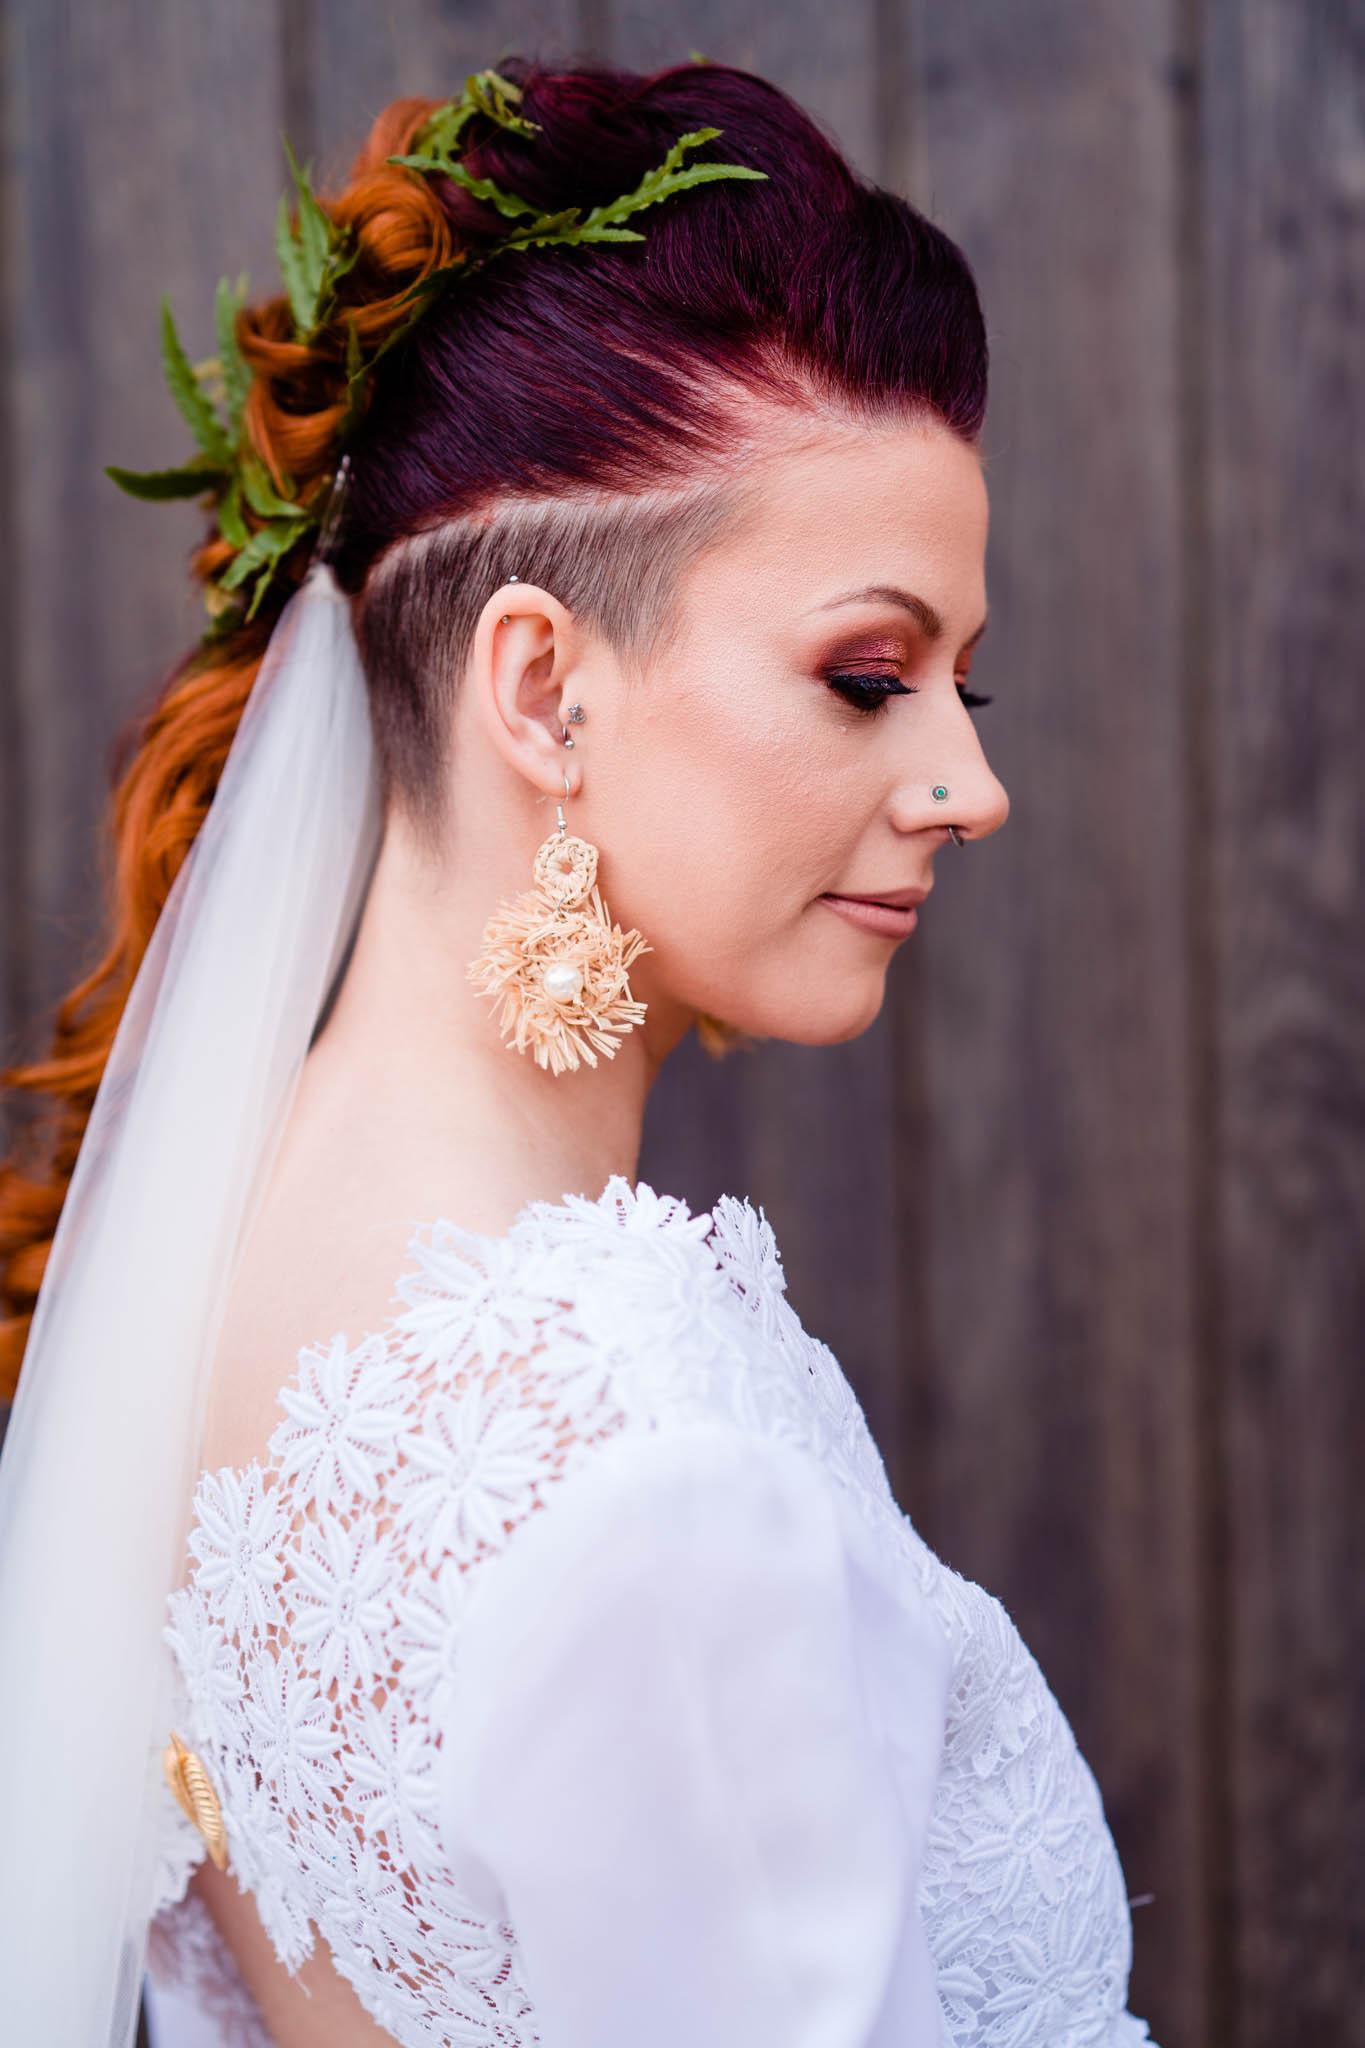 modern bridal wear - modern tropical wedding - modern wedding - modern bride - east midlands wedding planner